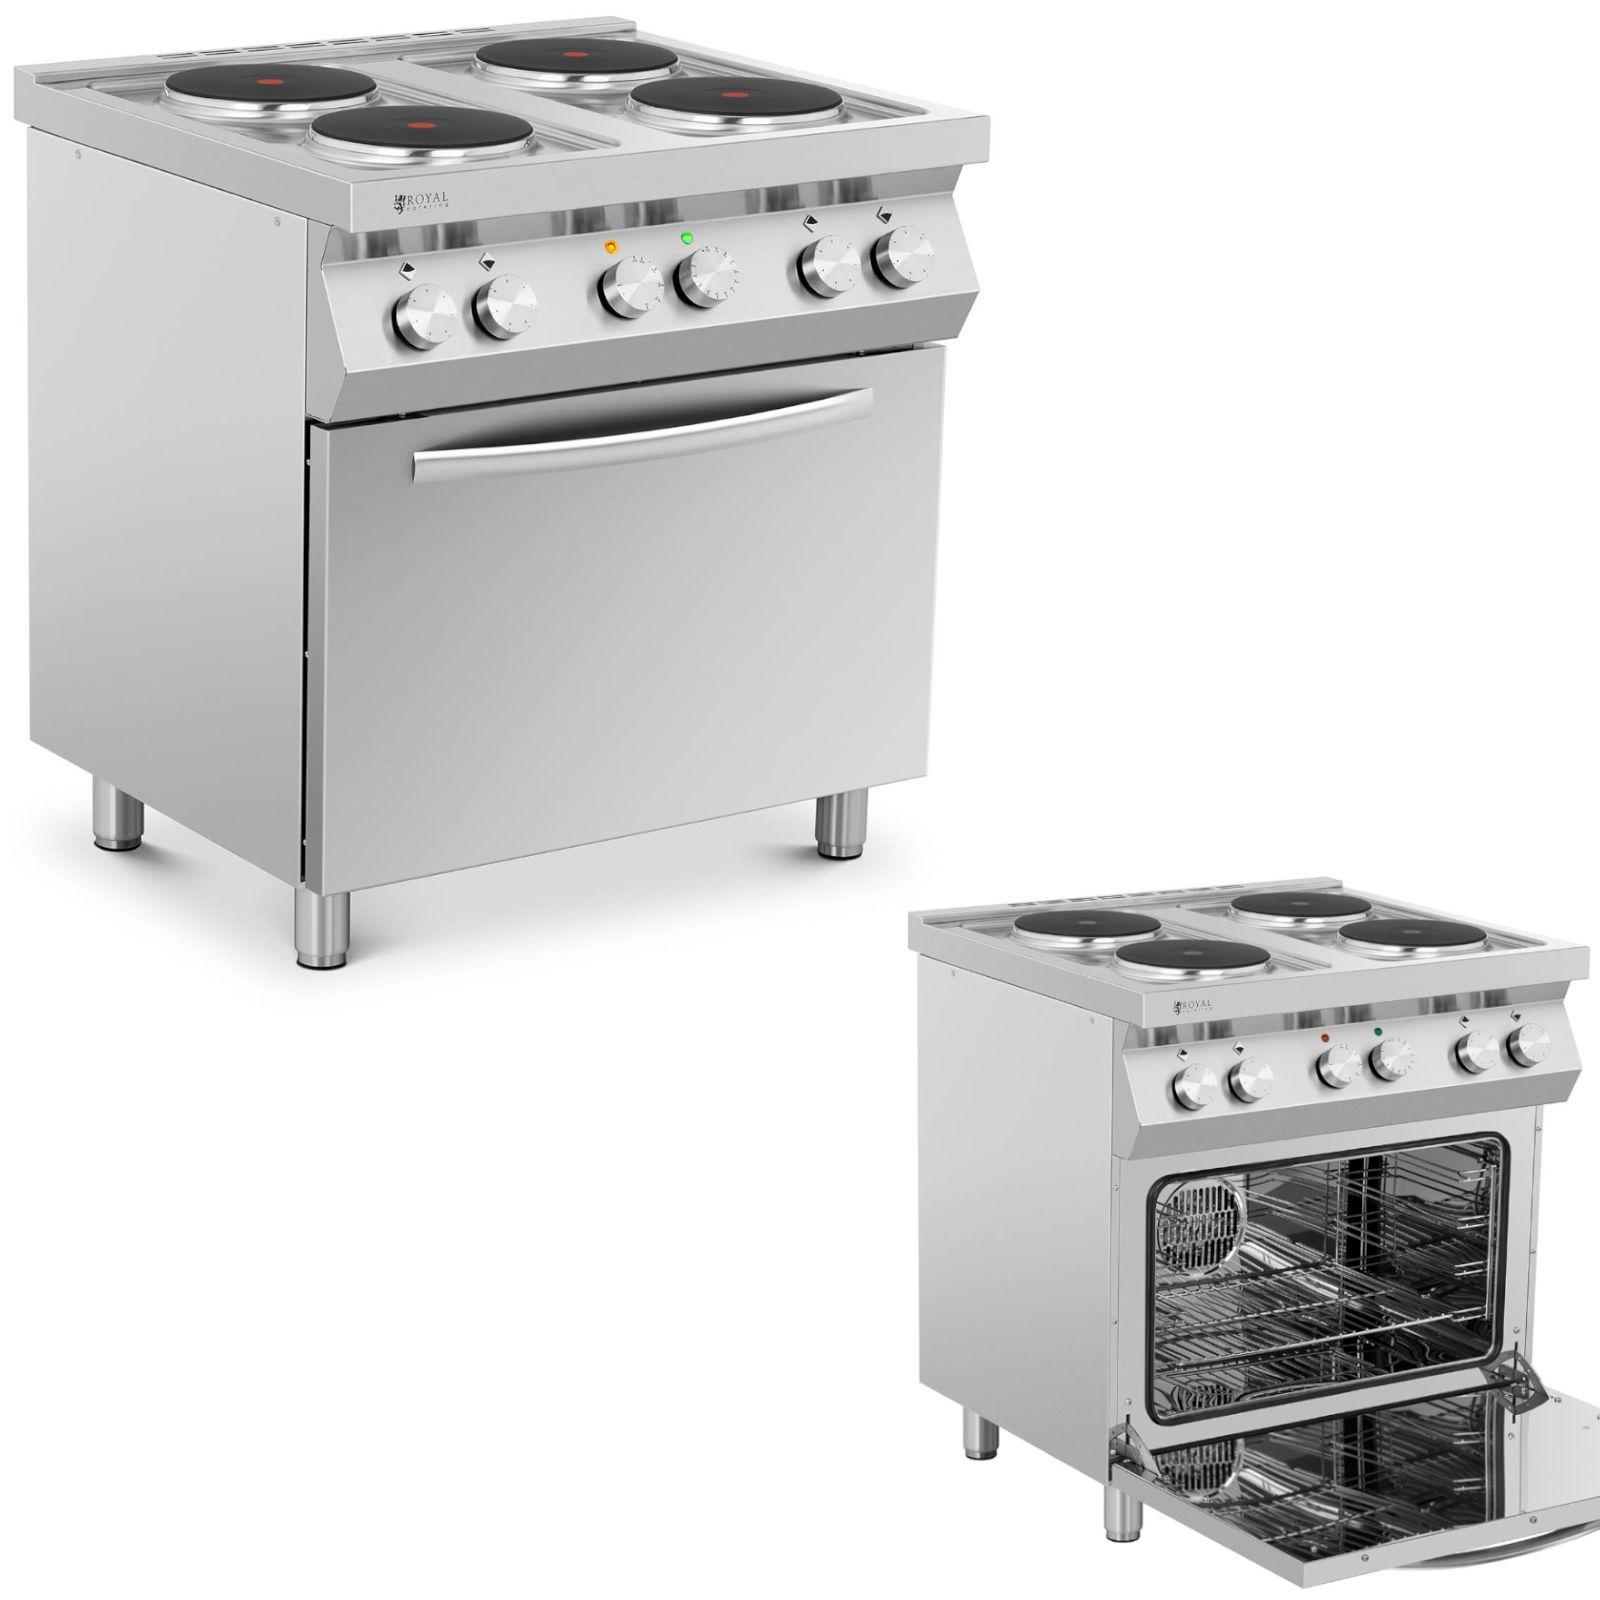 Made In Italy Kuchnia Elektryczna 4 Palnikowa Z Piekarnikiem Hurtownia Cena